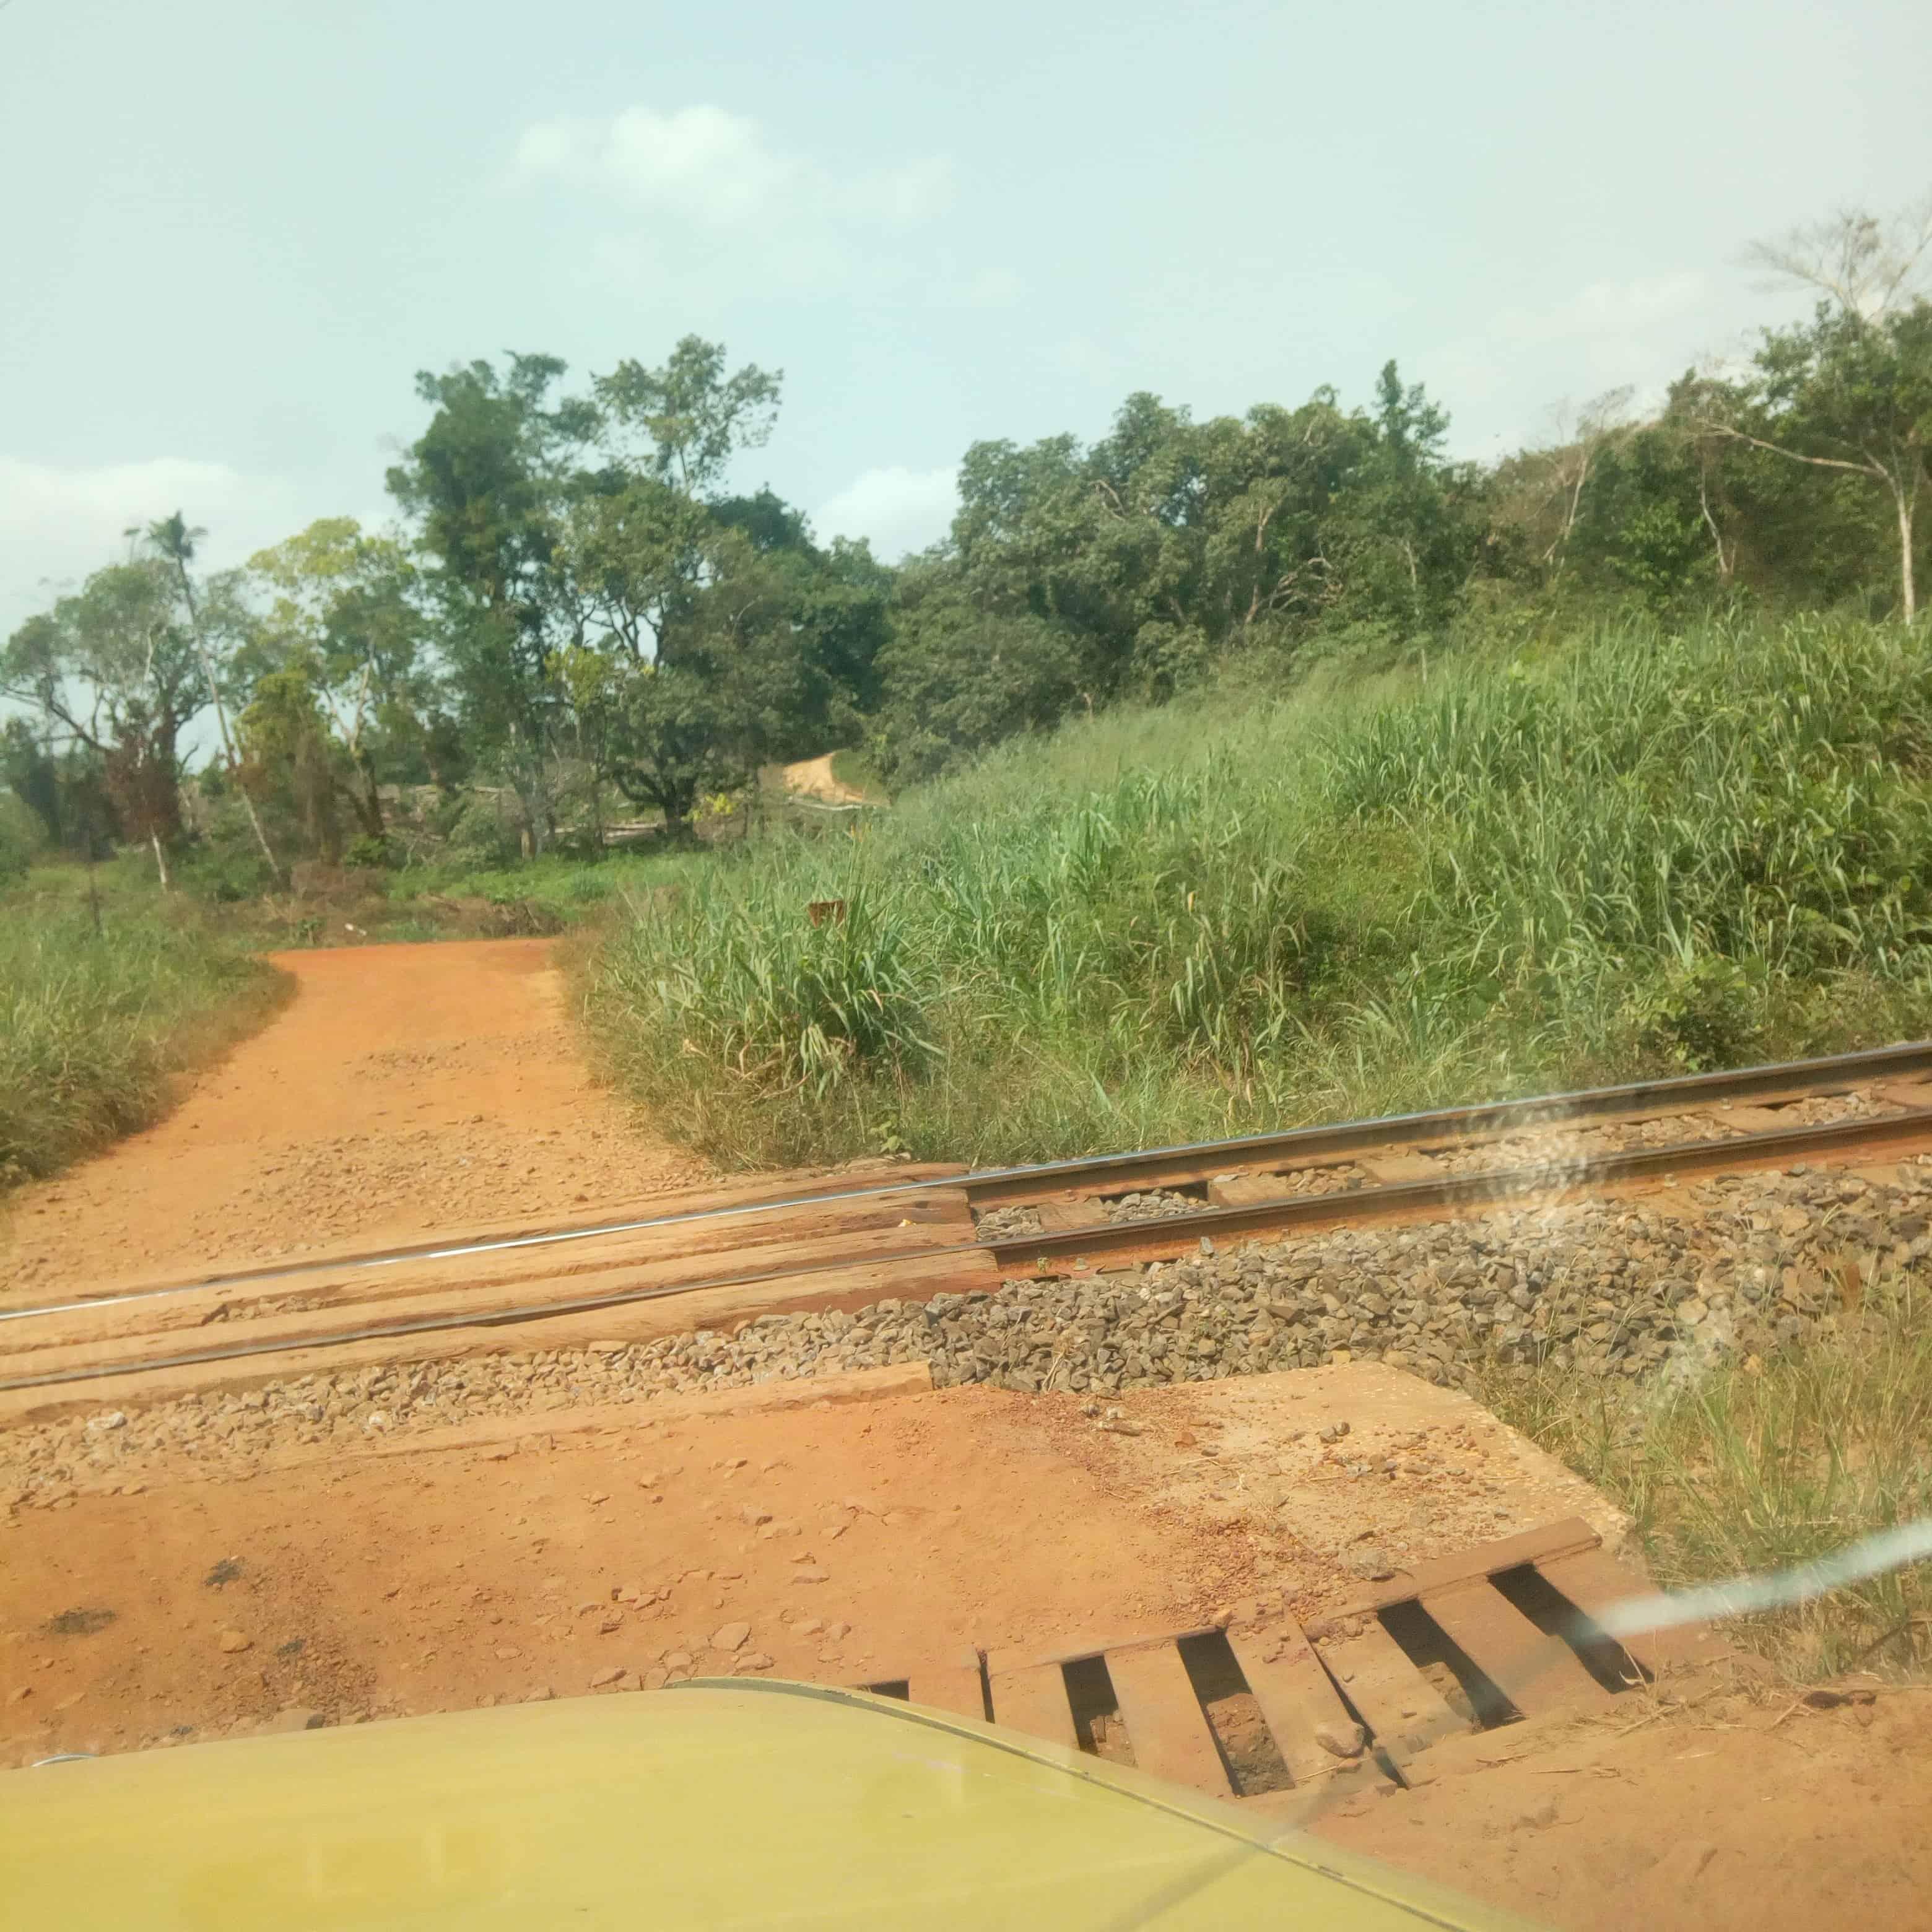 Terrain à vendre - Douala, PK 27, Carrefour PK31 - 500 m2 - 2 250 000 FCFA